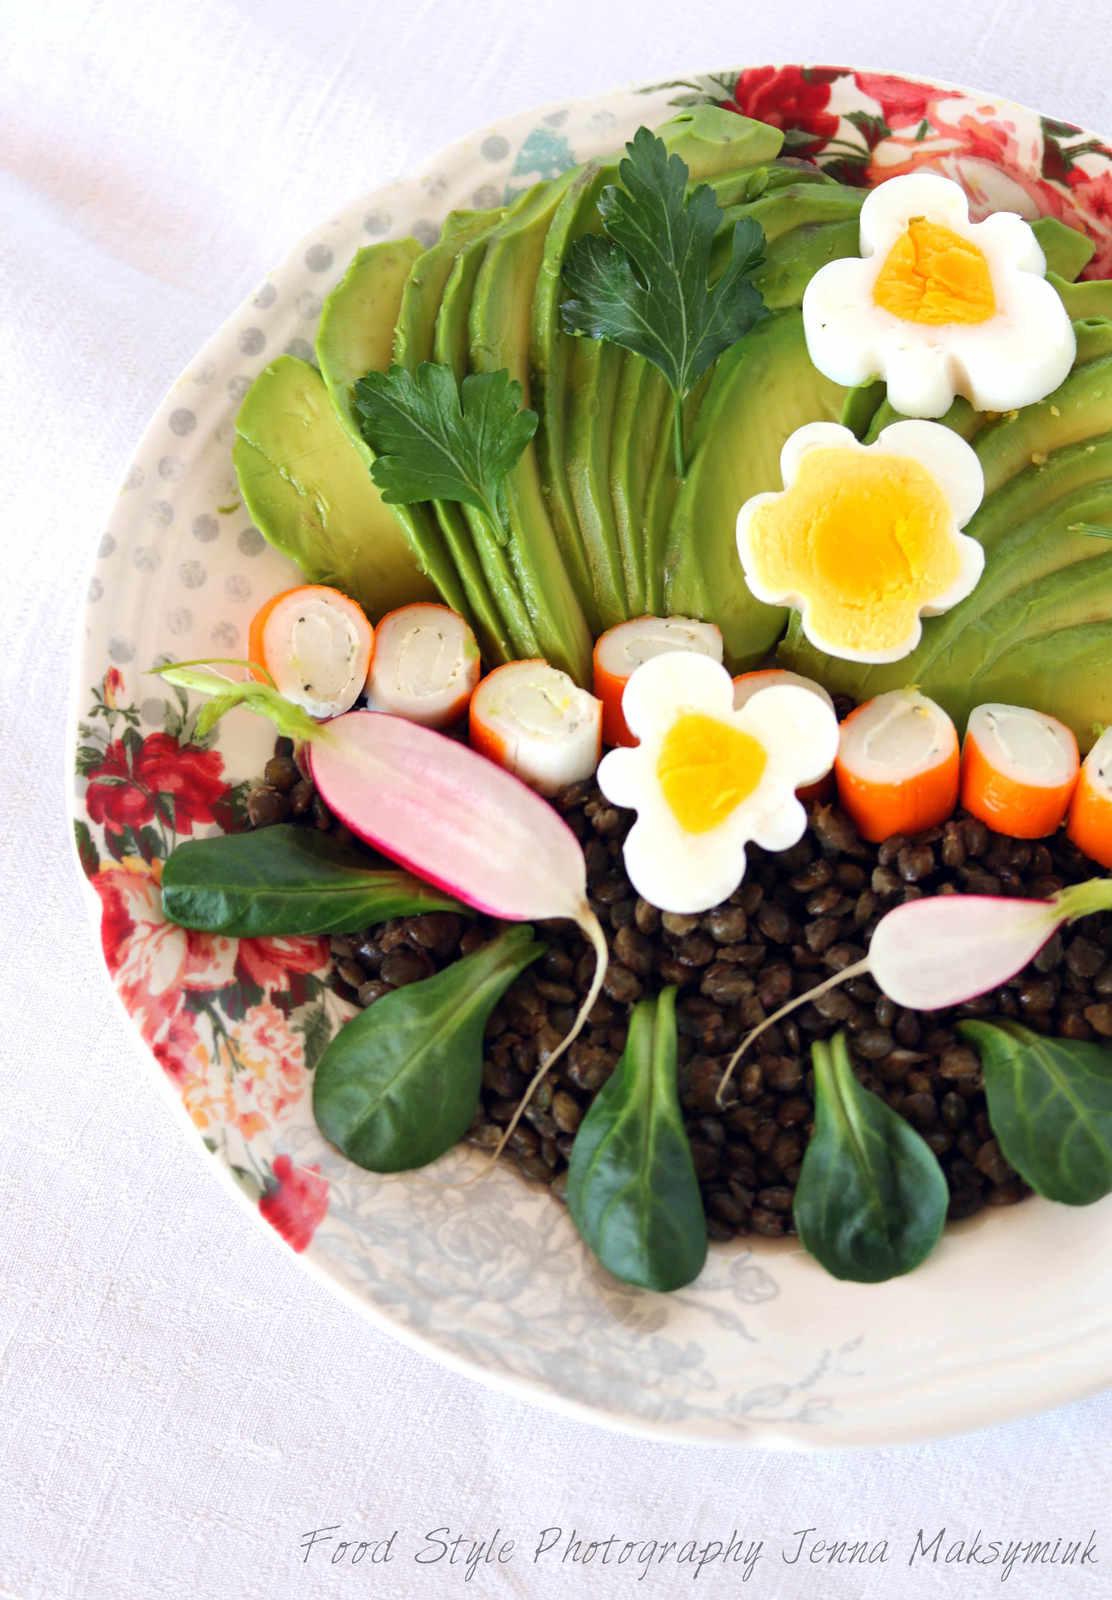 recettes d 39 oeuf dur par bistro de jenna power salad bowl salade de ma s et l 39 ananas oeufs. Black Bedroom Furniture Sets. Home Design Ideas